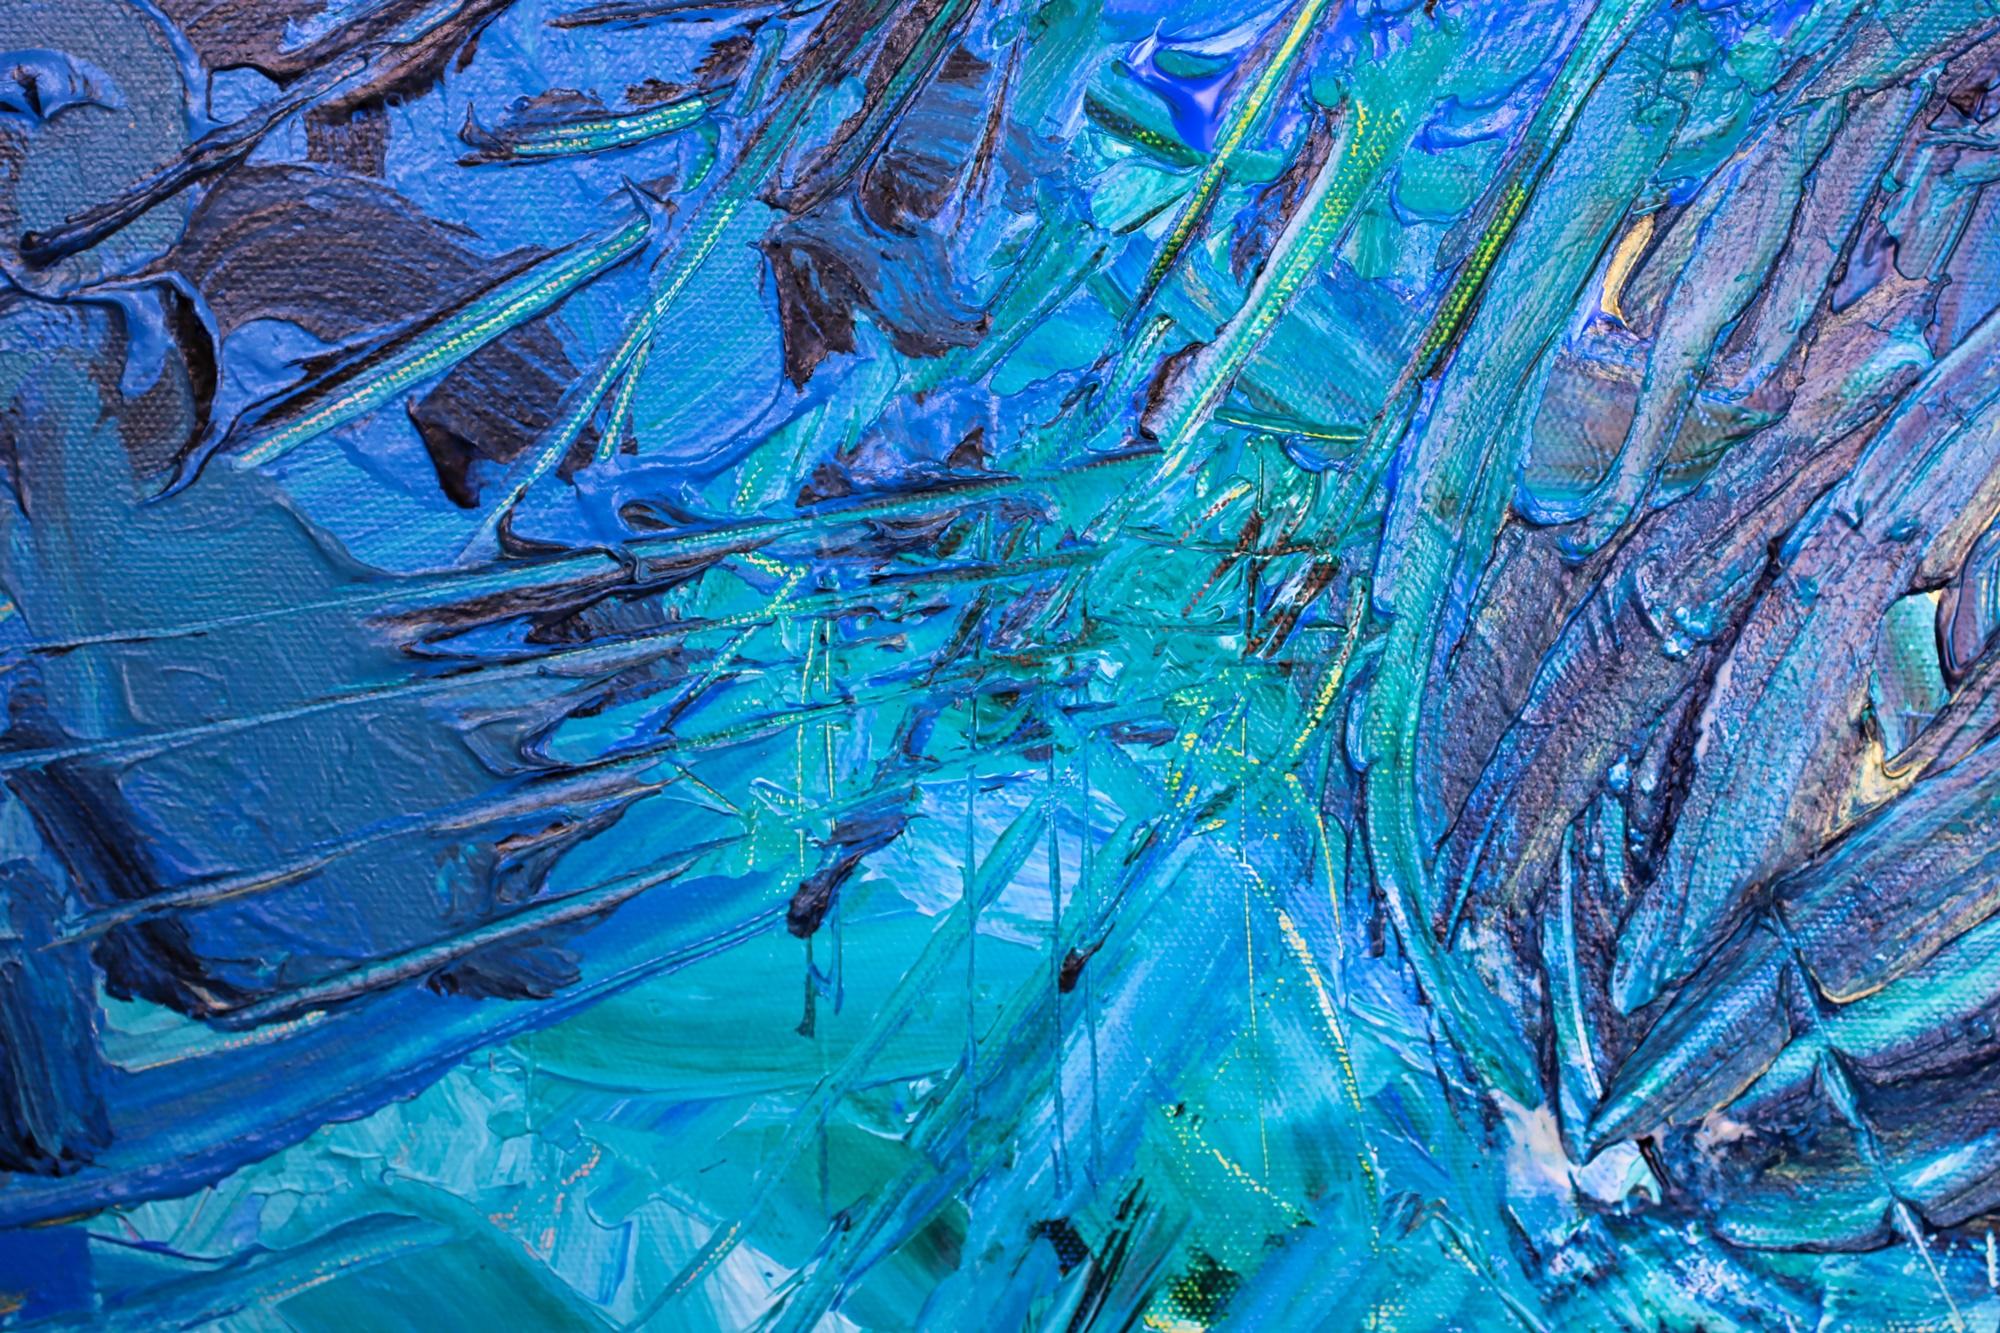 Zašto već ceo vek ne razumemo apstraktnu umetnost?